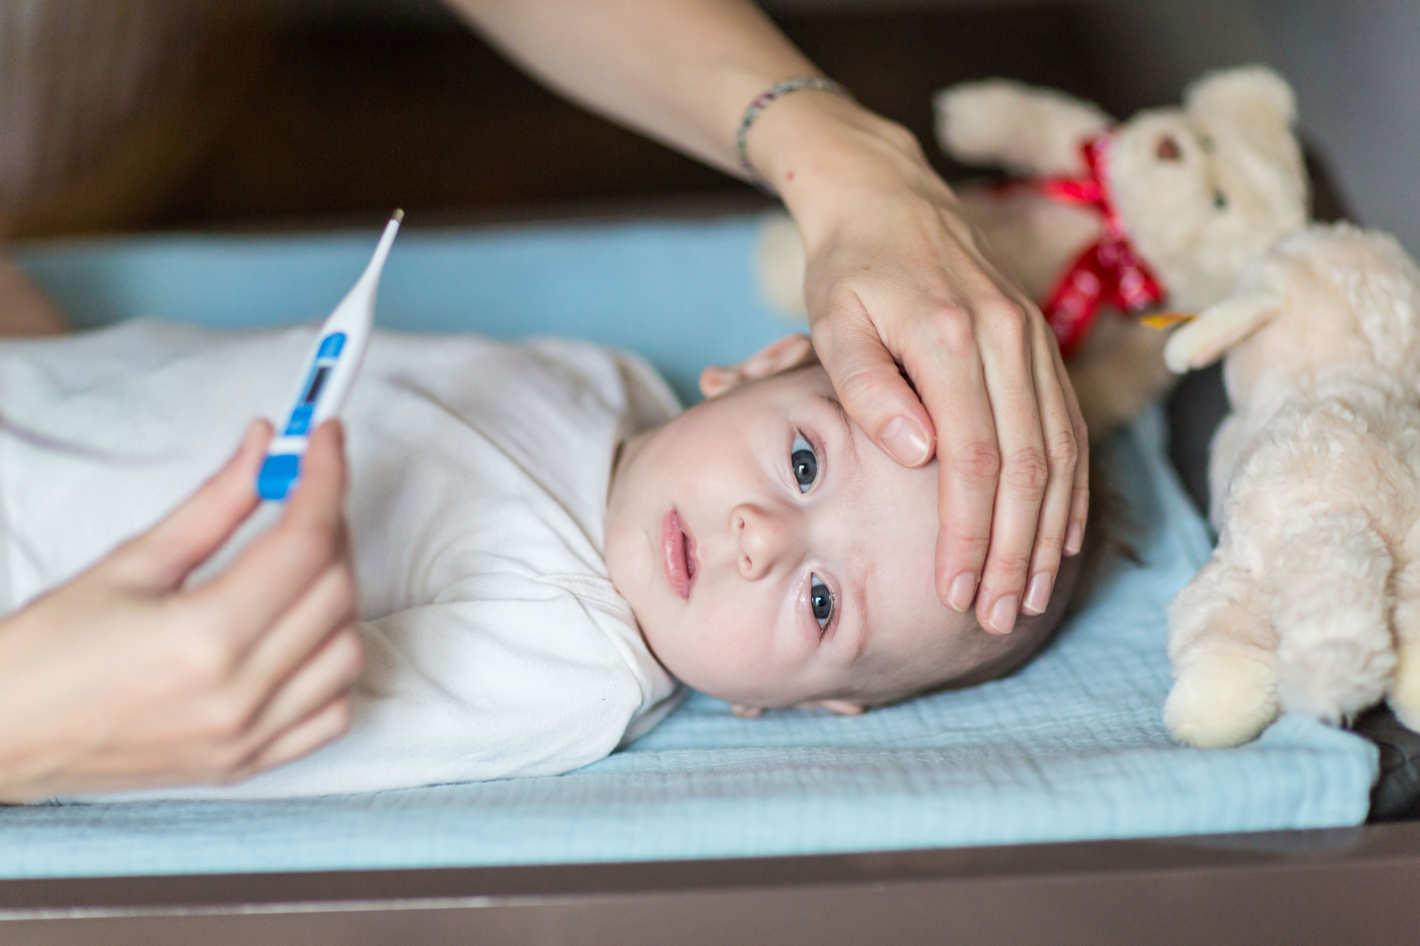 Ваш ребенок заболел: 10 тревожных симптомов, при которых нужно срочно обращаться к врачу